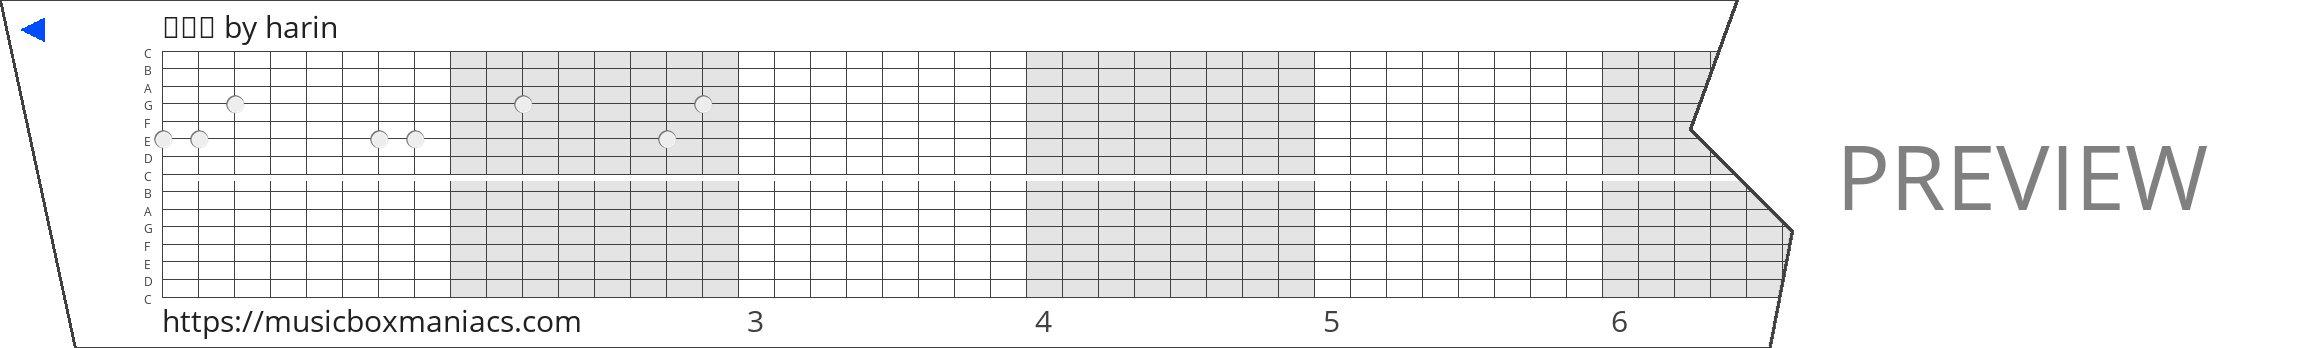 김하린 15 note music box paper strip